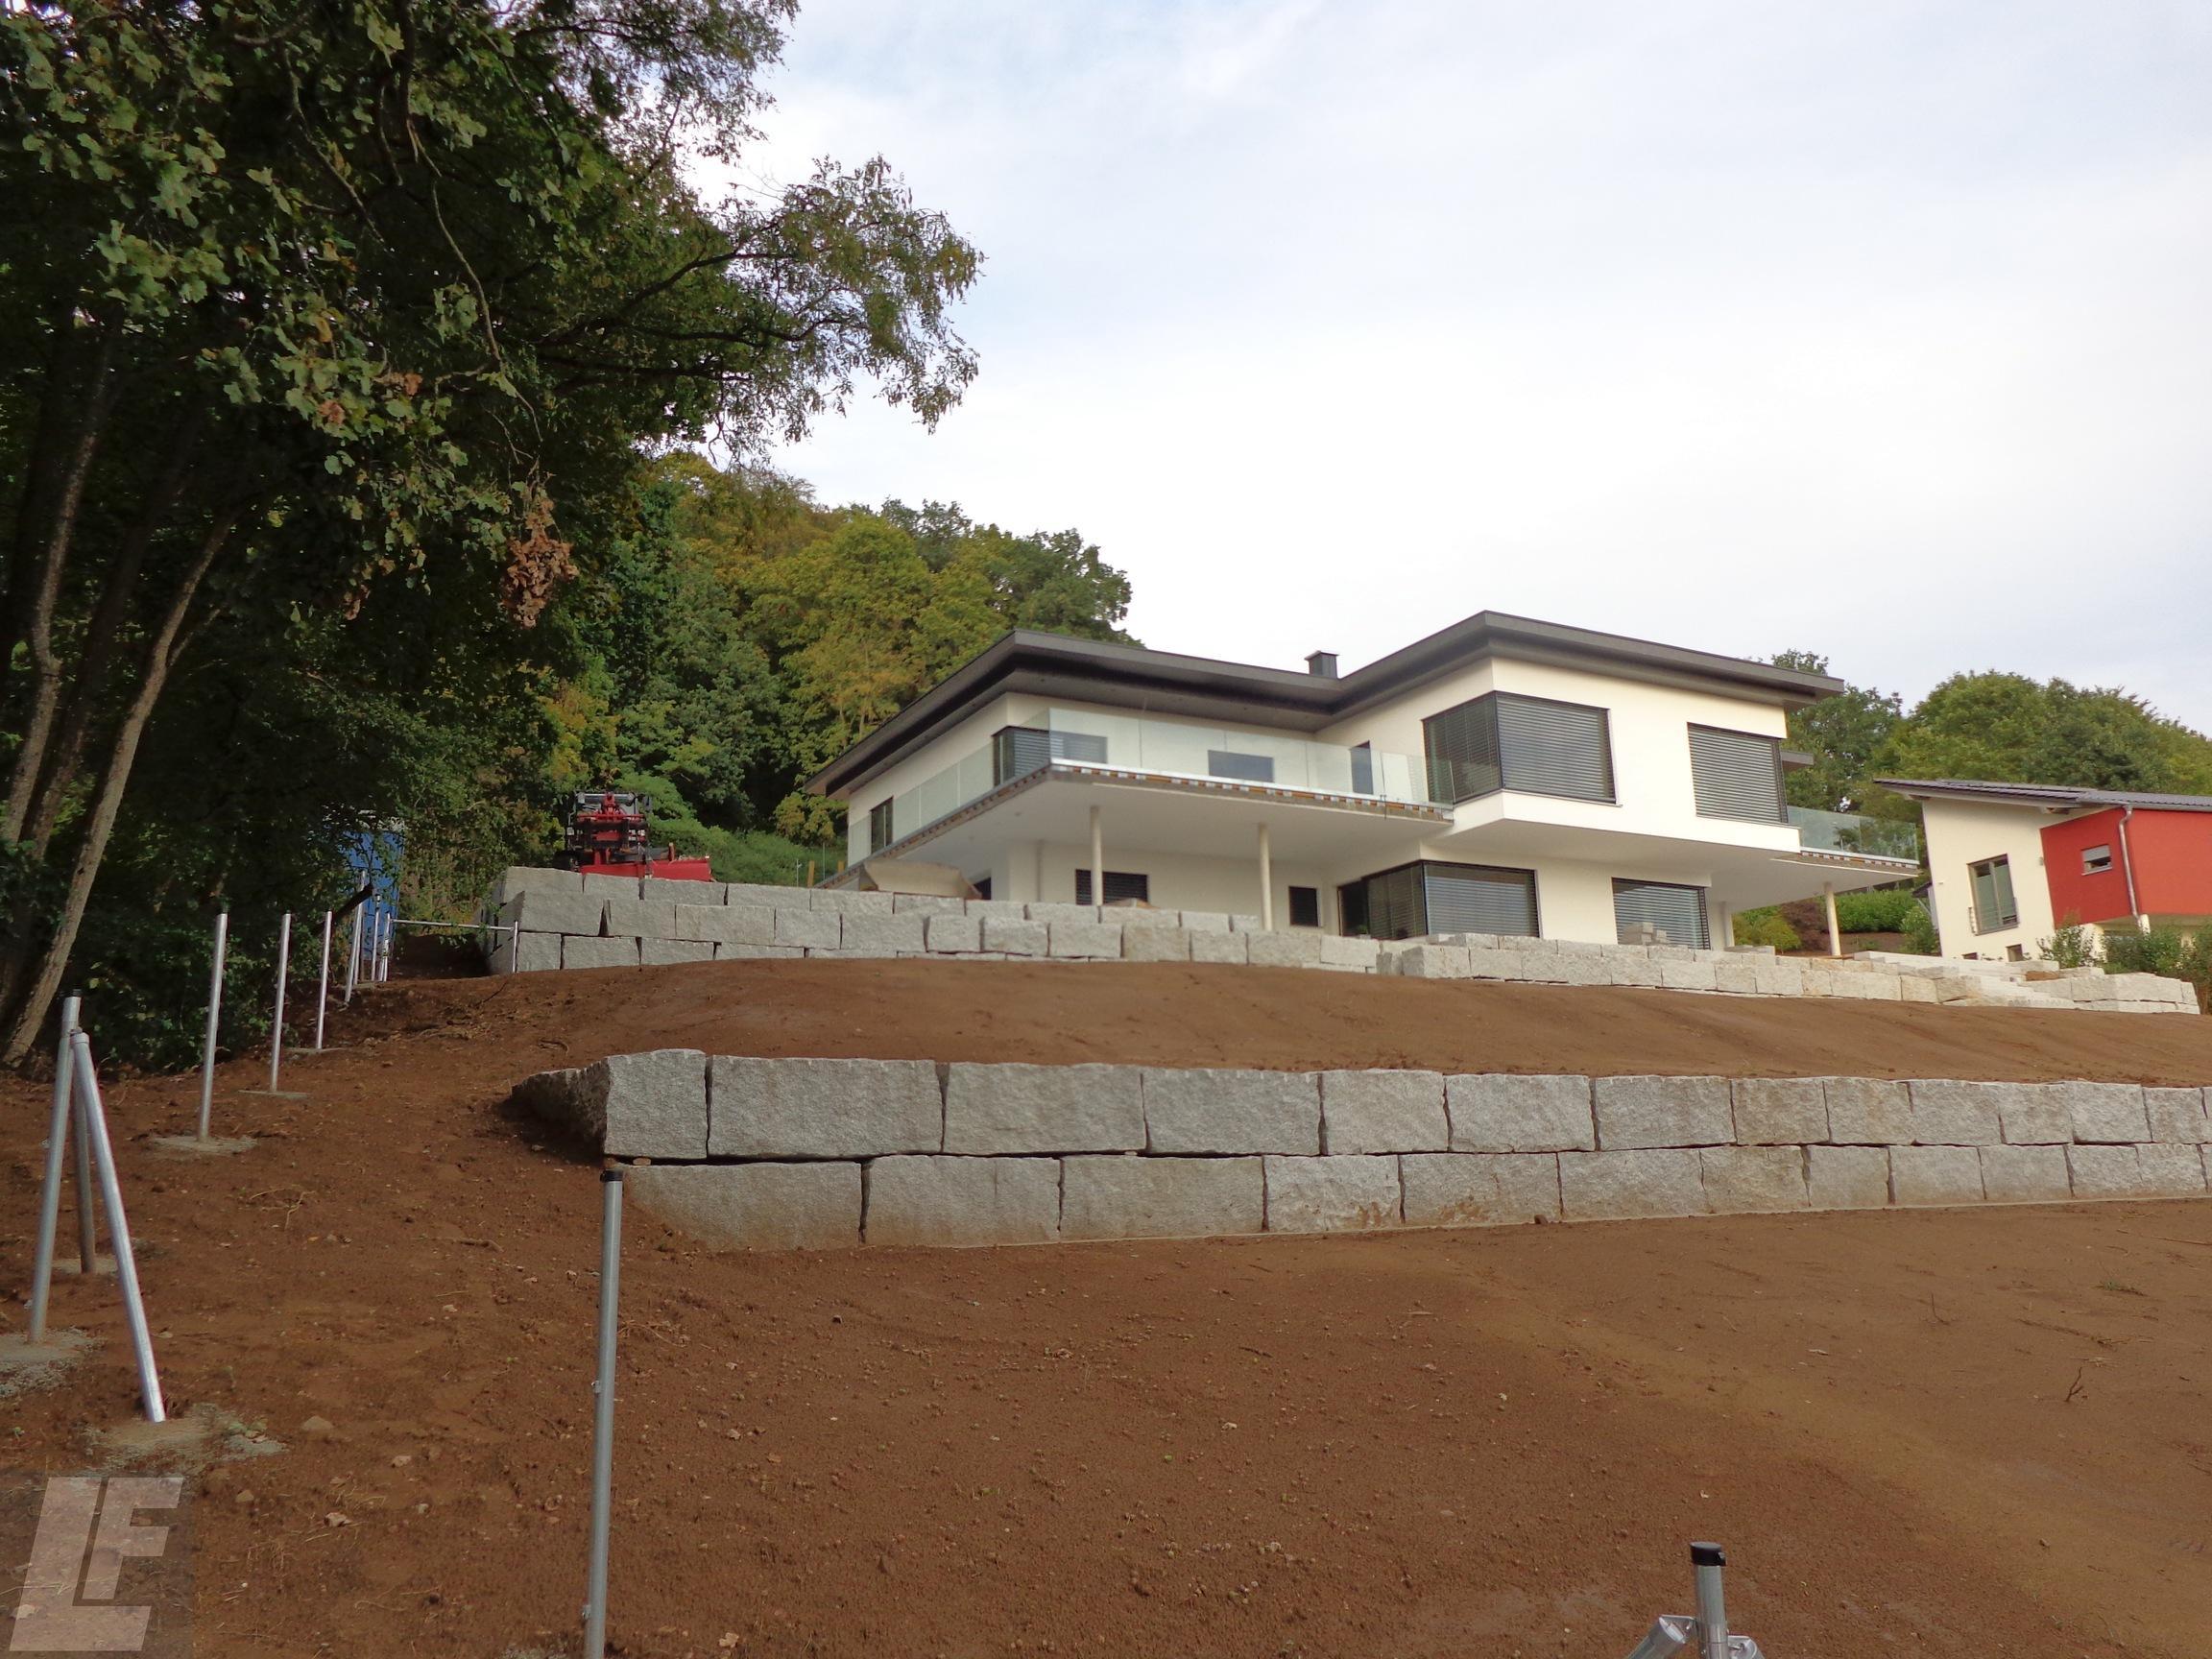 Einfamilienhaus mit flachdach luber freller bau gmbh for Einfamilienhaus mit flachdach